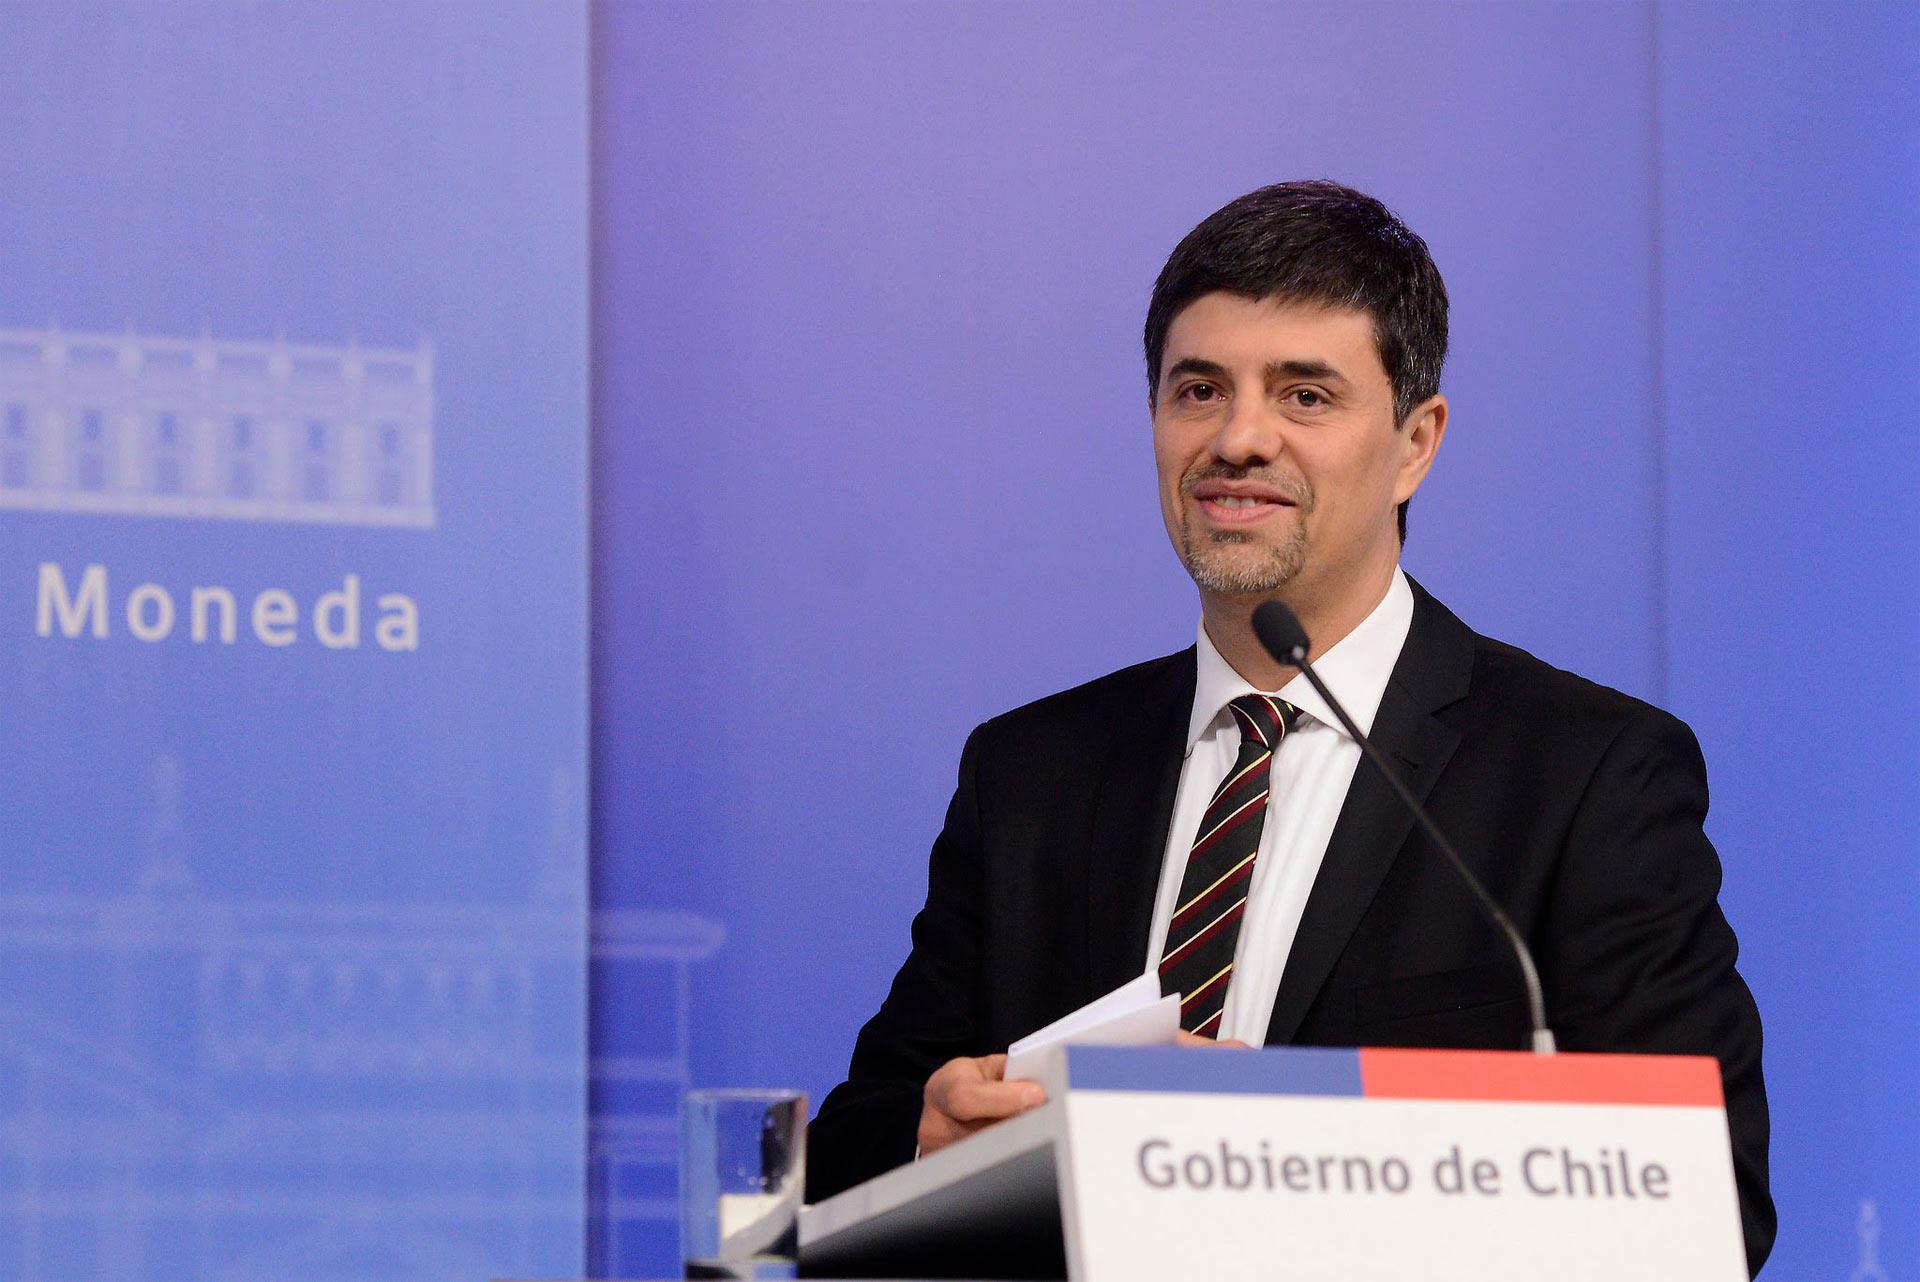 Chile rechazó hoy la propuesta de Evo Morales de restablecer relaciones diplomáticas